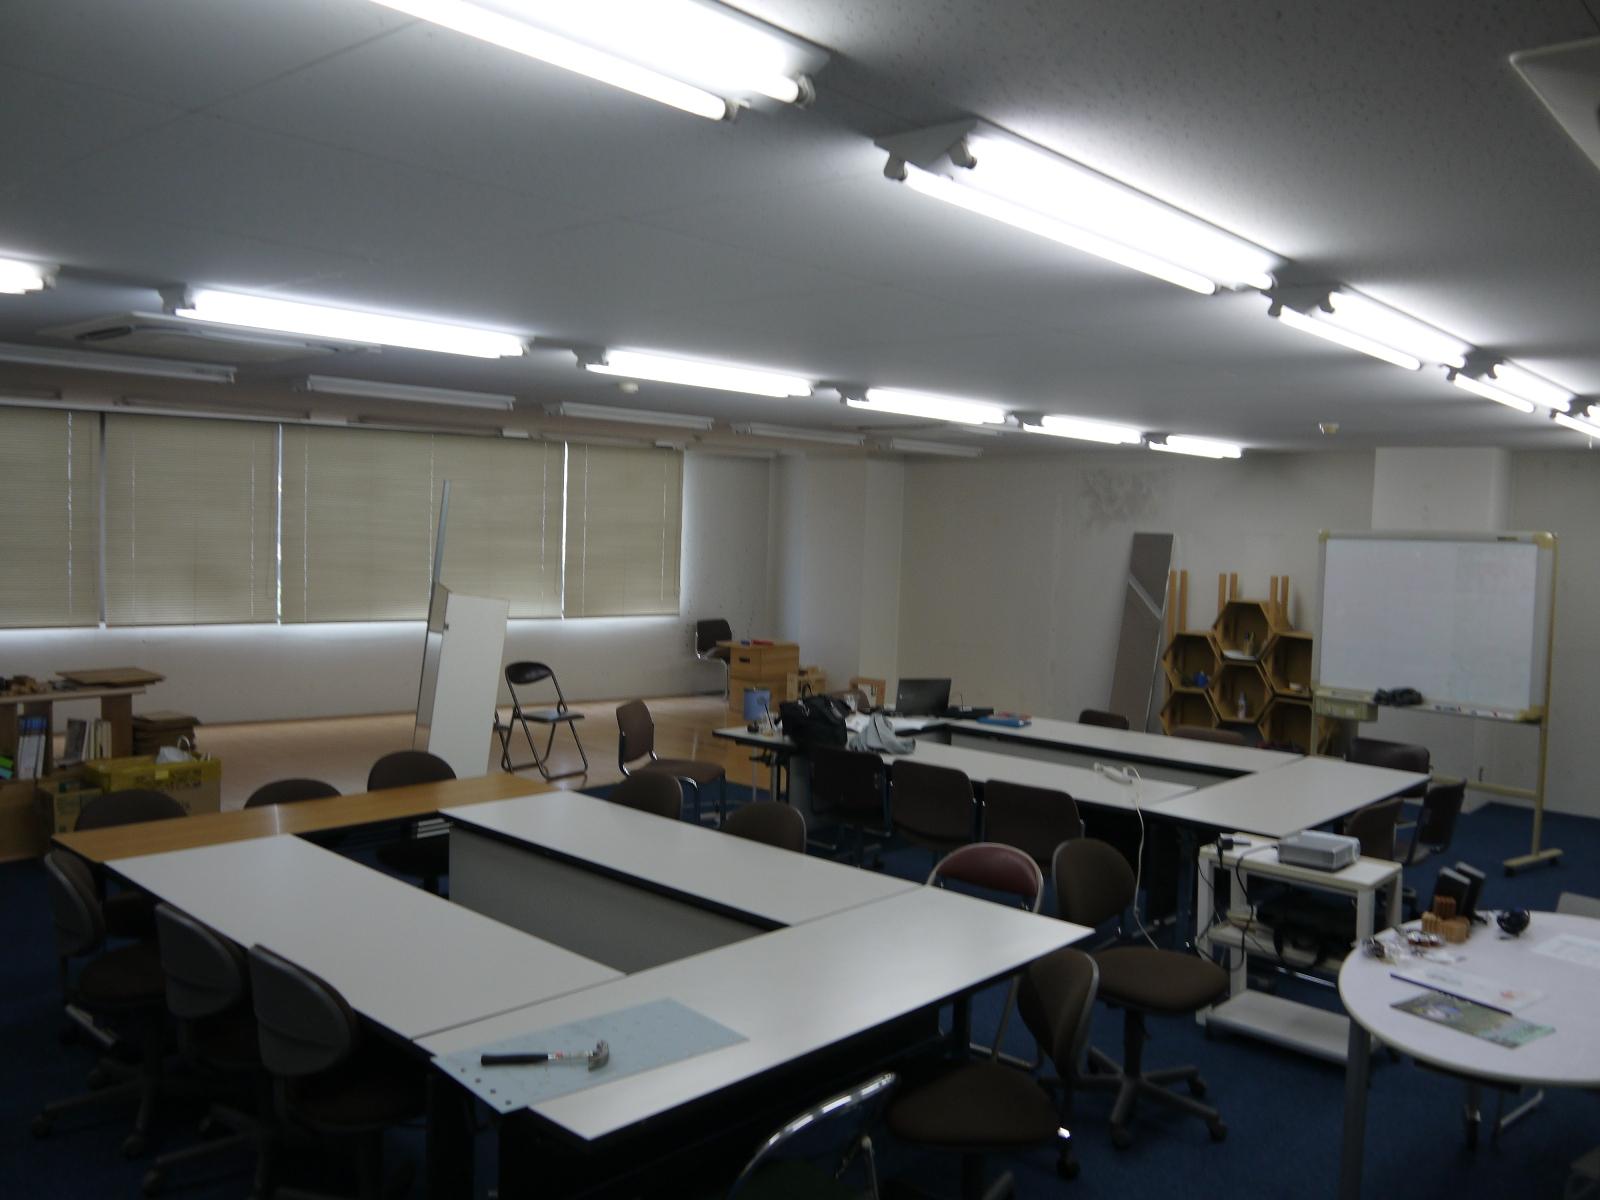 2014-05-27 トキワランバー様 クラフトスペース【3Dデザイン】-1.Before